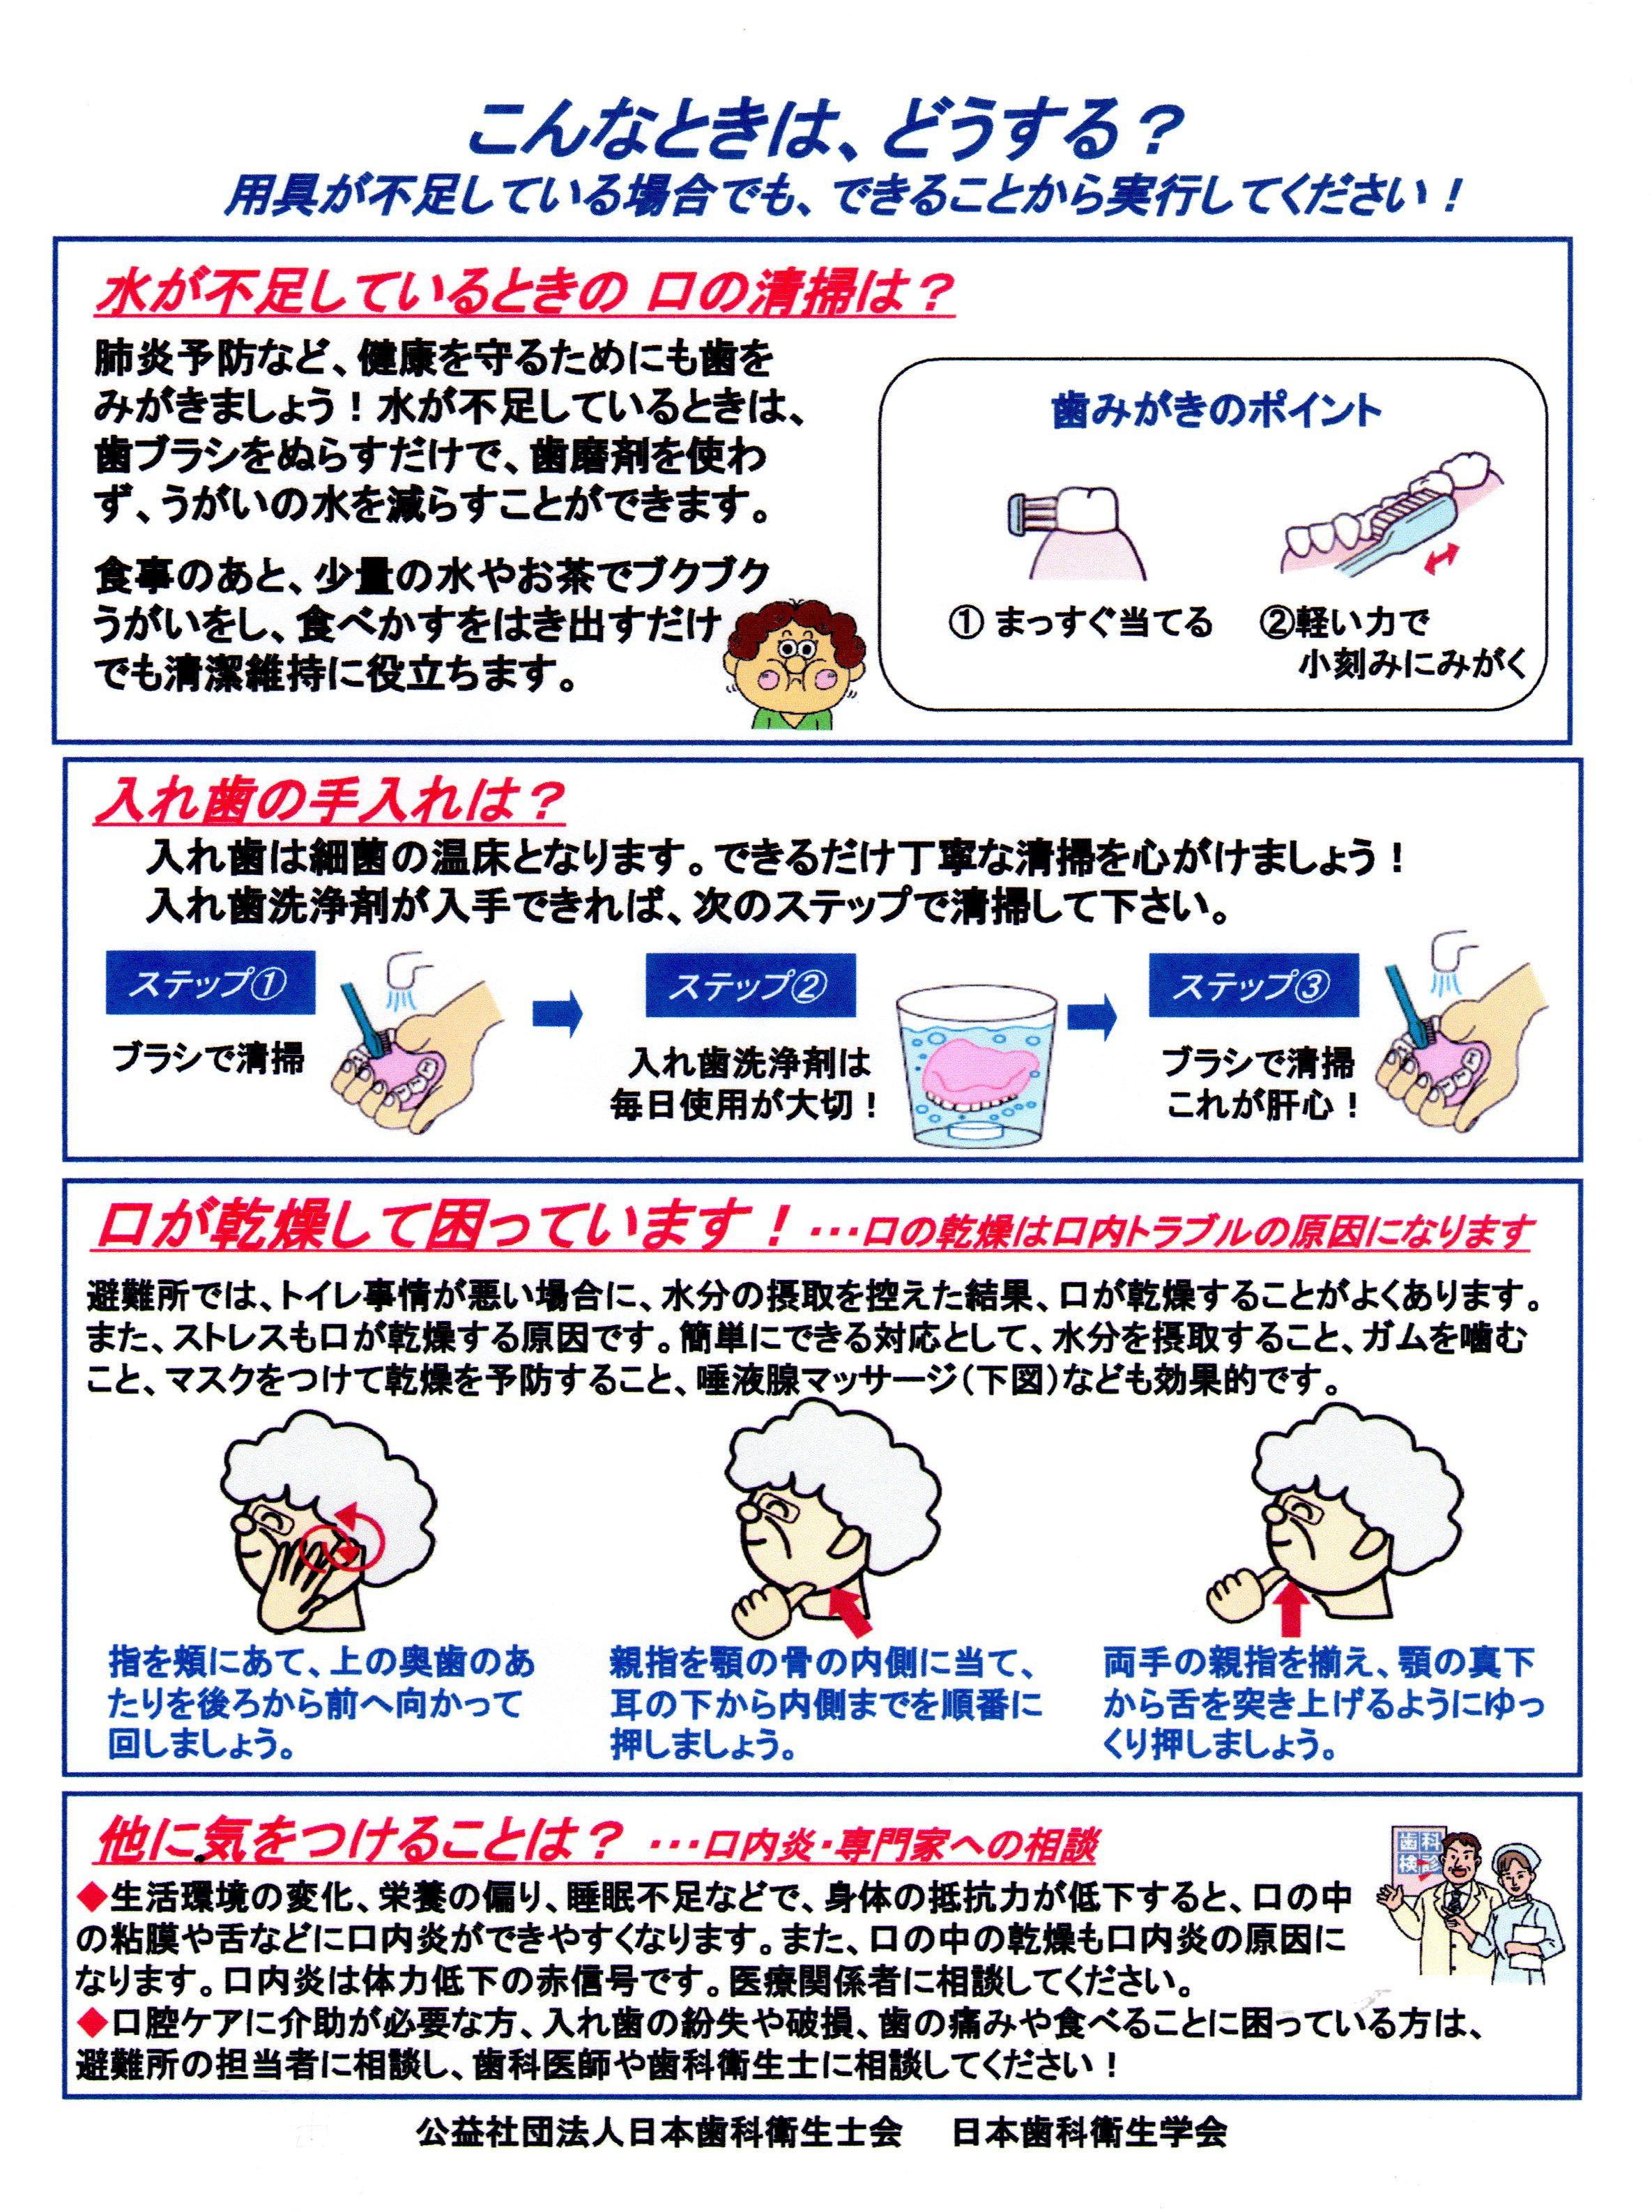 被災地での健康を守る為の口腔ケア